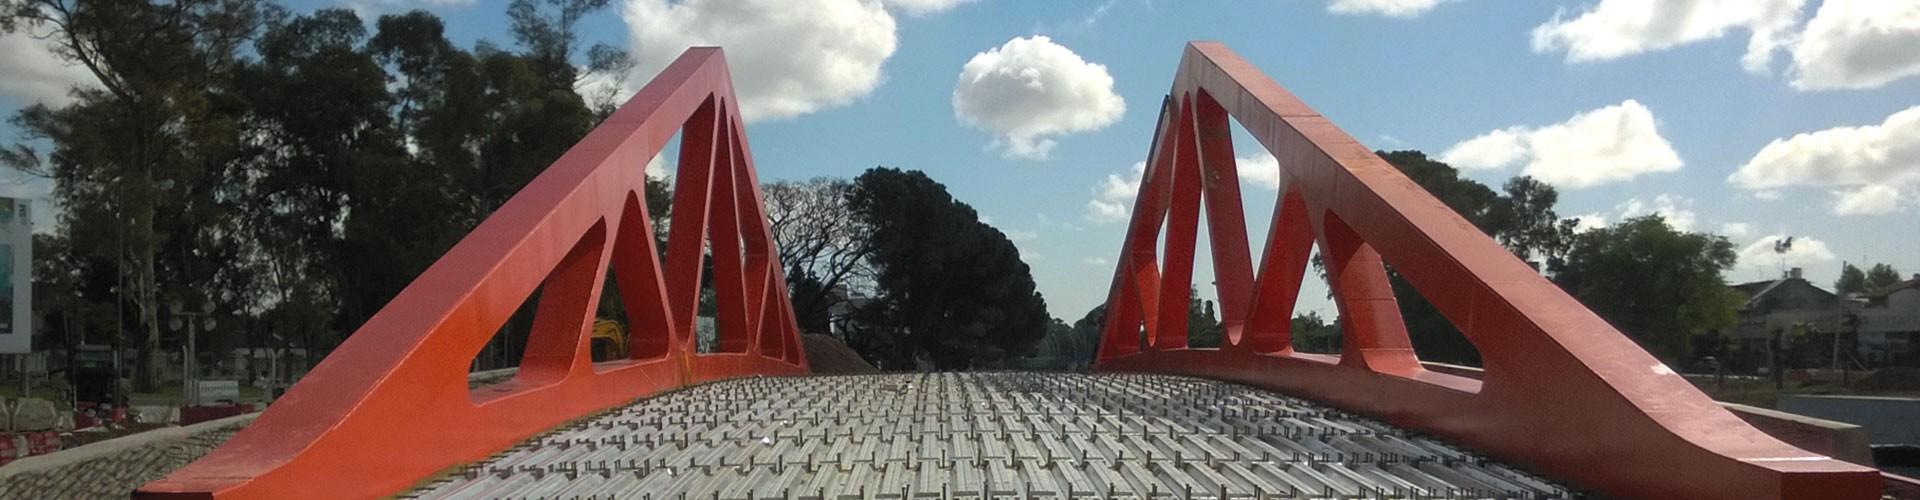 Puentes Metálicos en Av. Gral. Paz